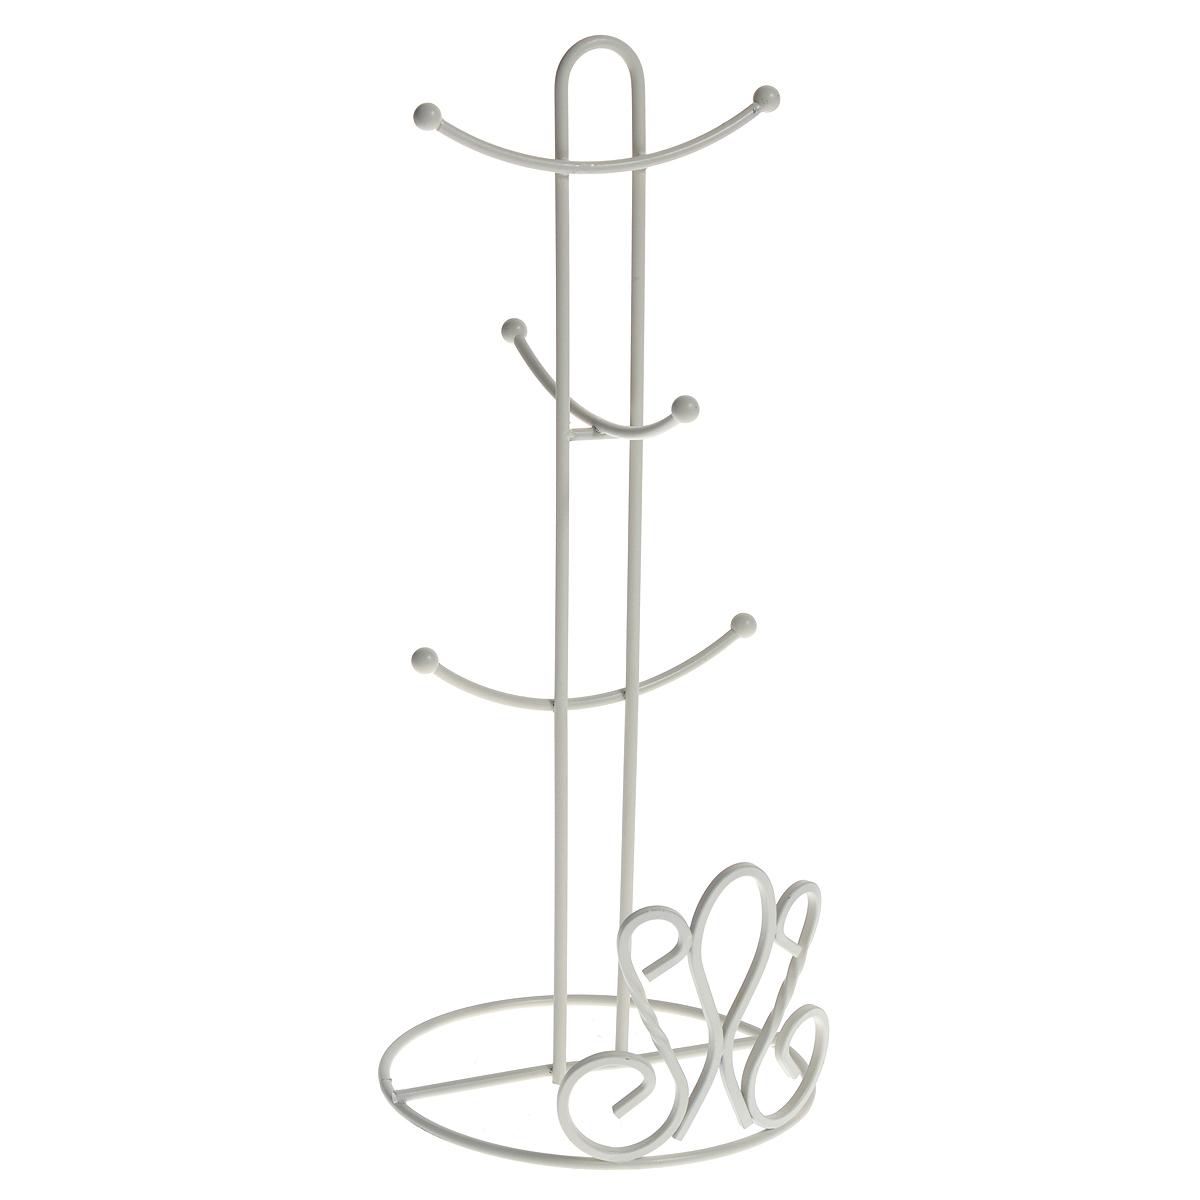 Подставка De Lis для 6 кружек, цвет: белый0508281Подставка для шести кружек De Lis, выполненная из стали белого цвета, приведет Вас в восхищение. Это незаменимая вещь для кухни, где не так уж и много свободного пространства. Она представляет собой круглое резное основание, к которому крепится вертикальный стержень. К стержню присоединены небольшие крючки, на которые вешаются кружки. Края крючков декорированы небольшими шариками. Подставка De Lis прекрасно подойдет в домашнем быту, она позволяет хранить кружки компактно. Просто повесьте их за ручки на эту подставку. Характеристики: Материал: нержавеющая сталь. Цвет: белый. Высота подставки: 38 см. Диаметр основания: 15 см. Длина крючка: 5,5 см. Артикул: 0508281.